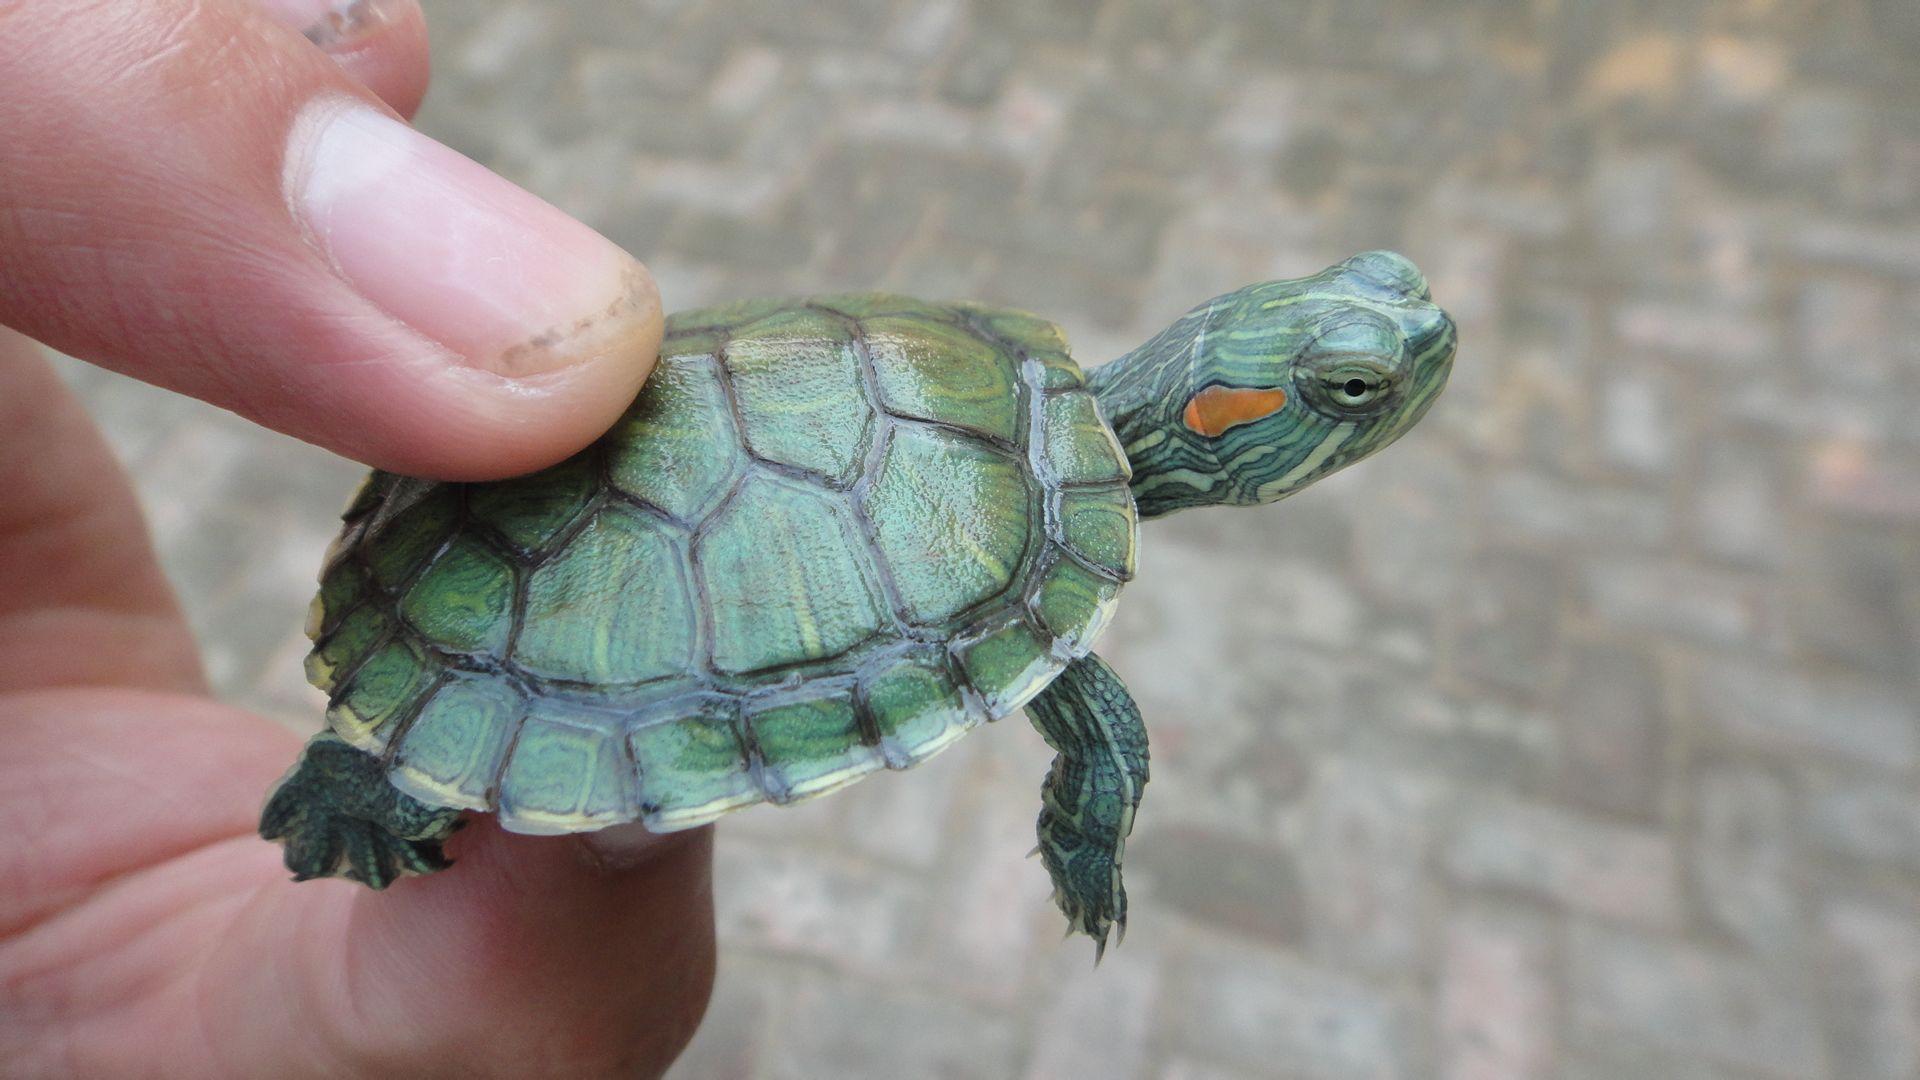 的宠物龟_野保协会负责人介绍,近年来经非正常渠道被作为宠物龟引进我国.